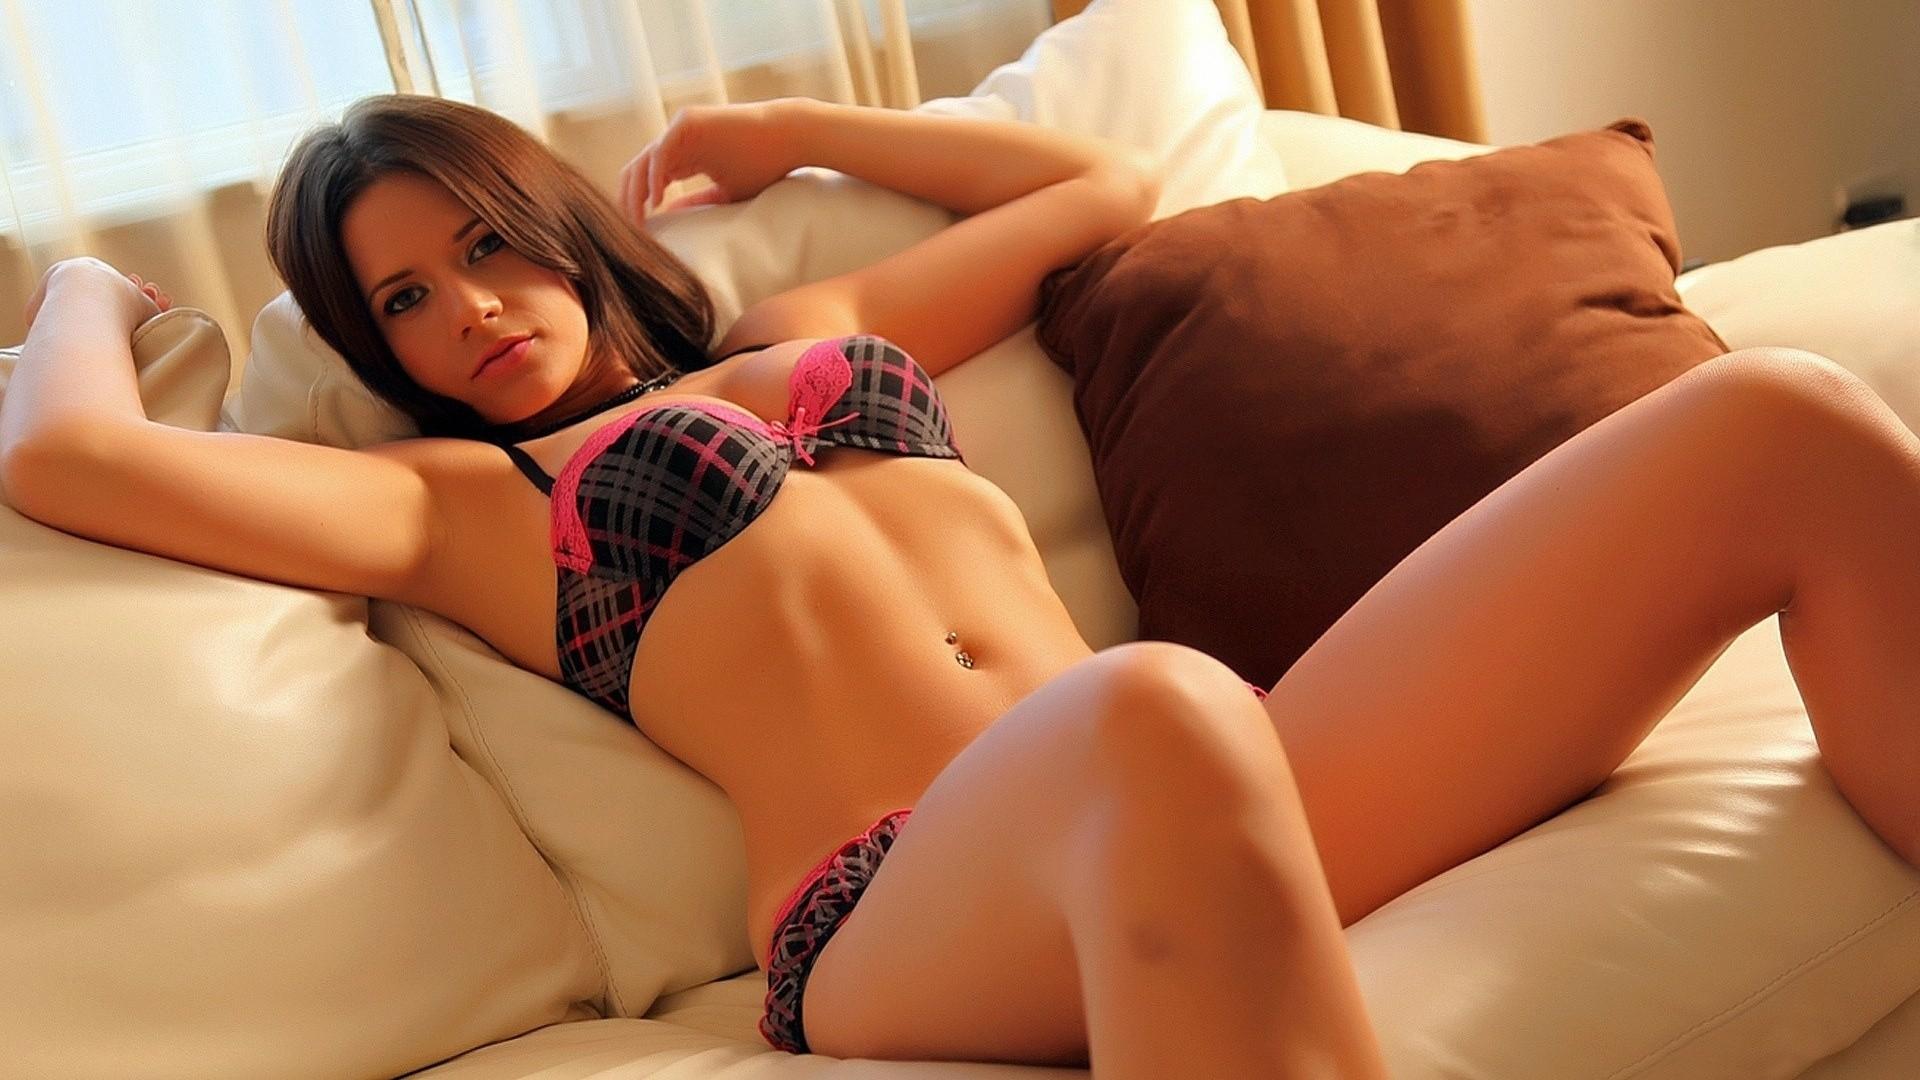 Сэкс с супер телкой, Красивые тёлки порно видео на 4 фотография